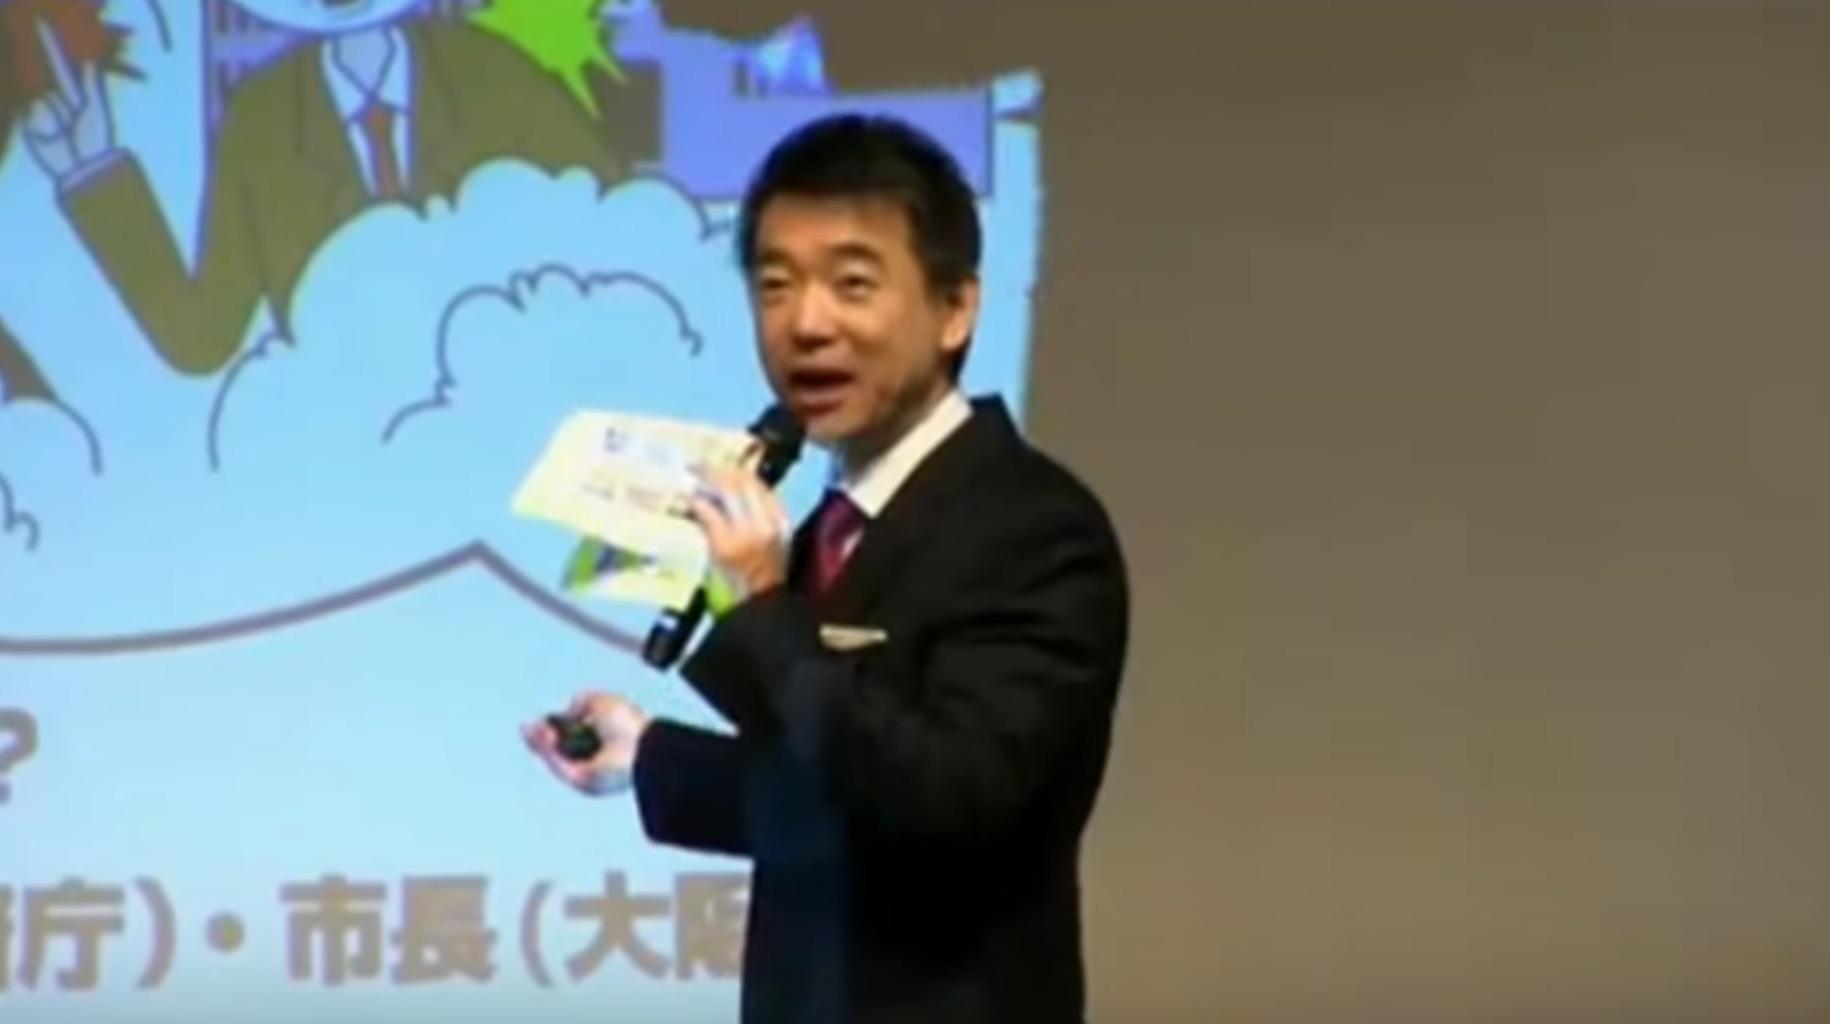 講演中に泣いてしまった赤ちゃん。橋下元市長のナイスフォローに会場大ウケ!